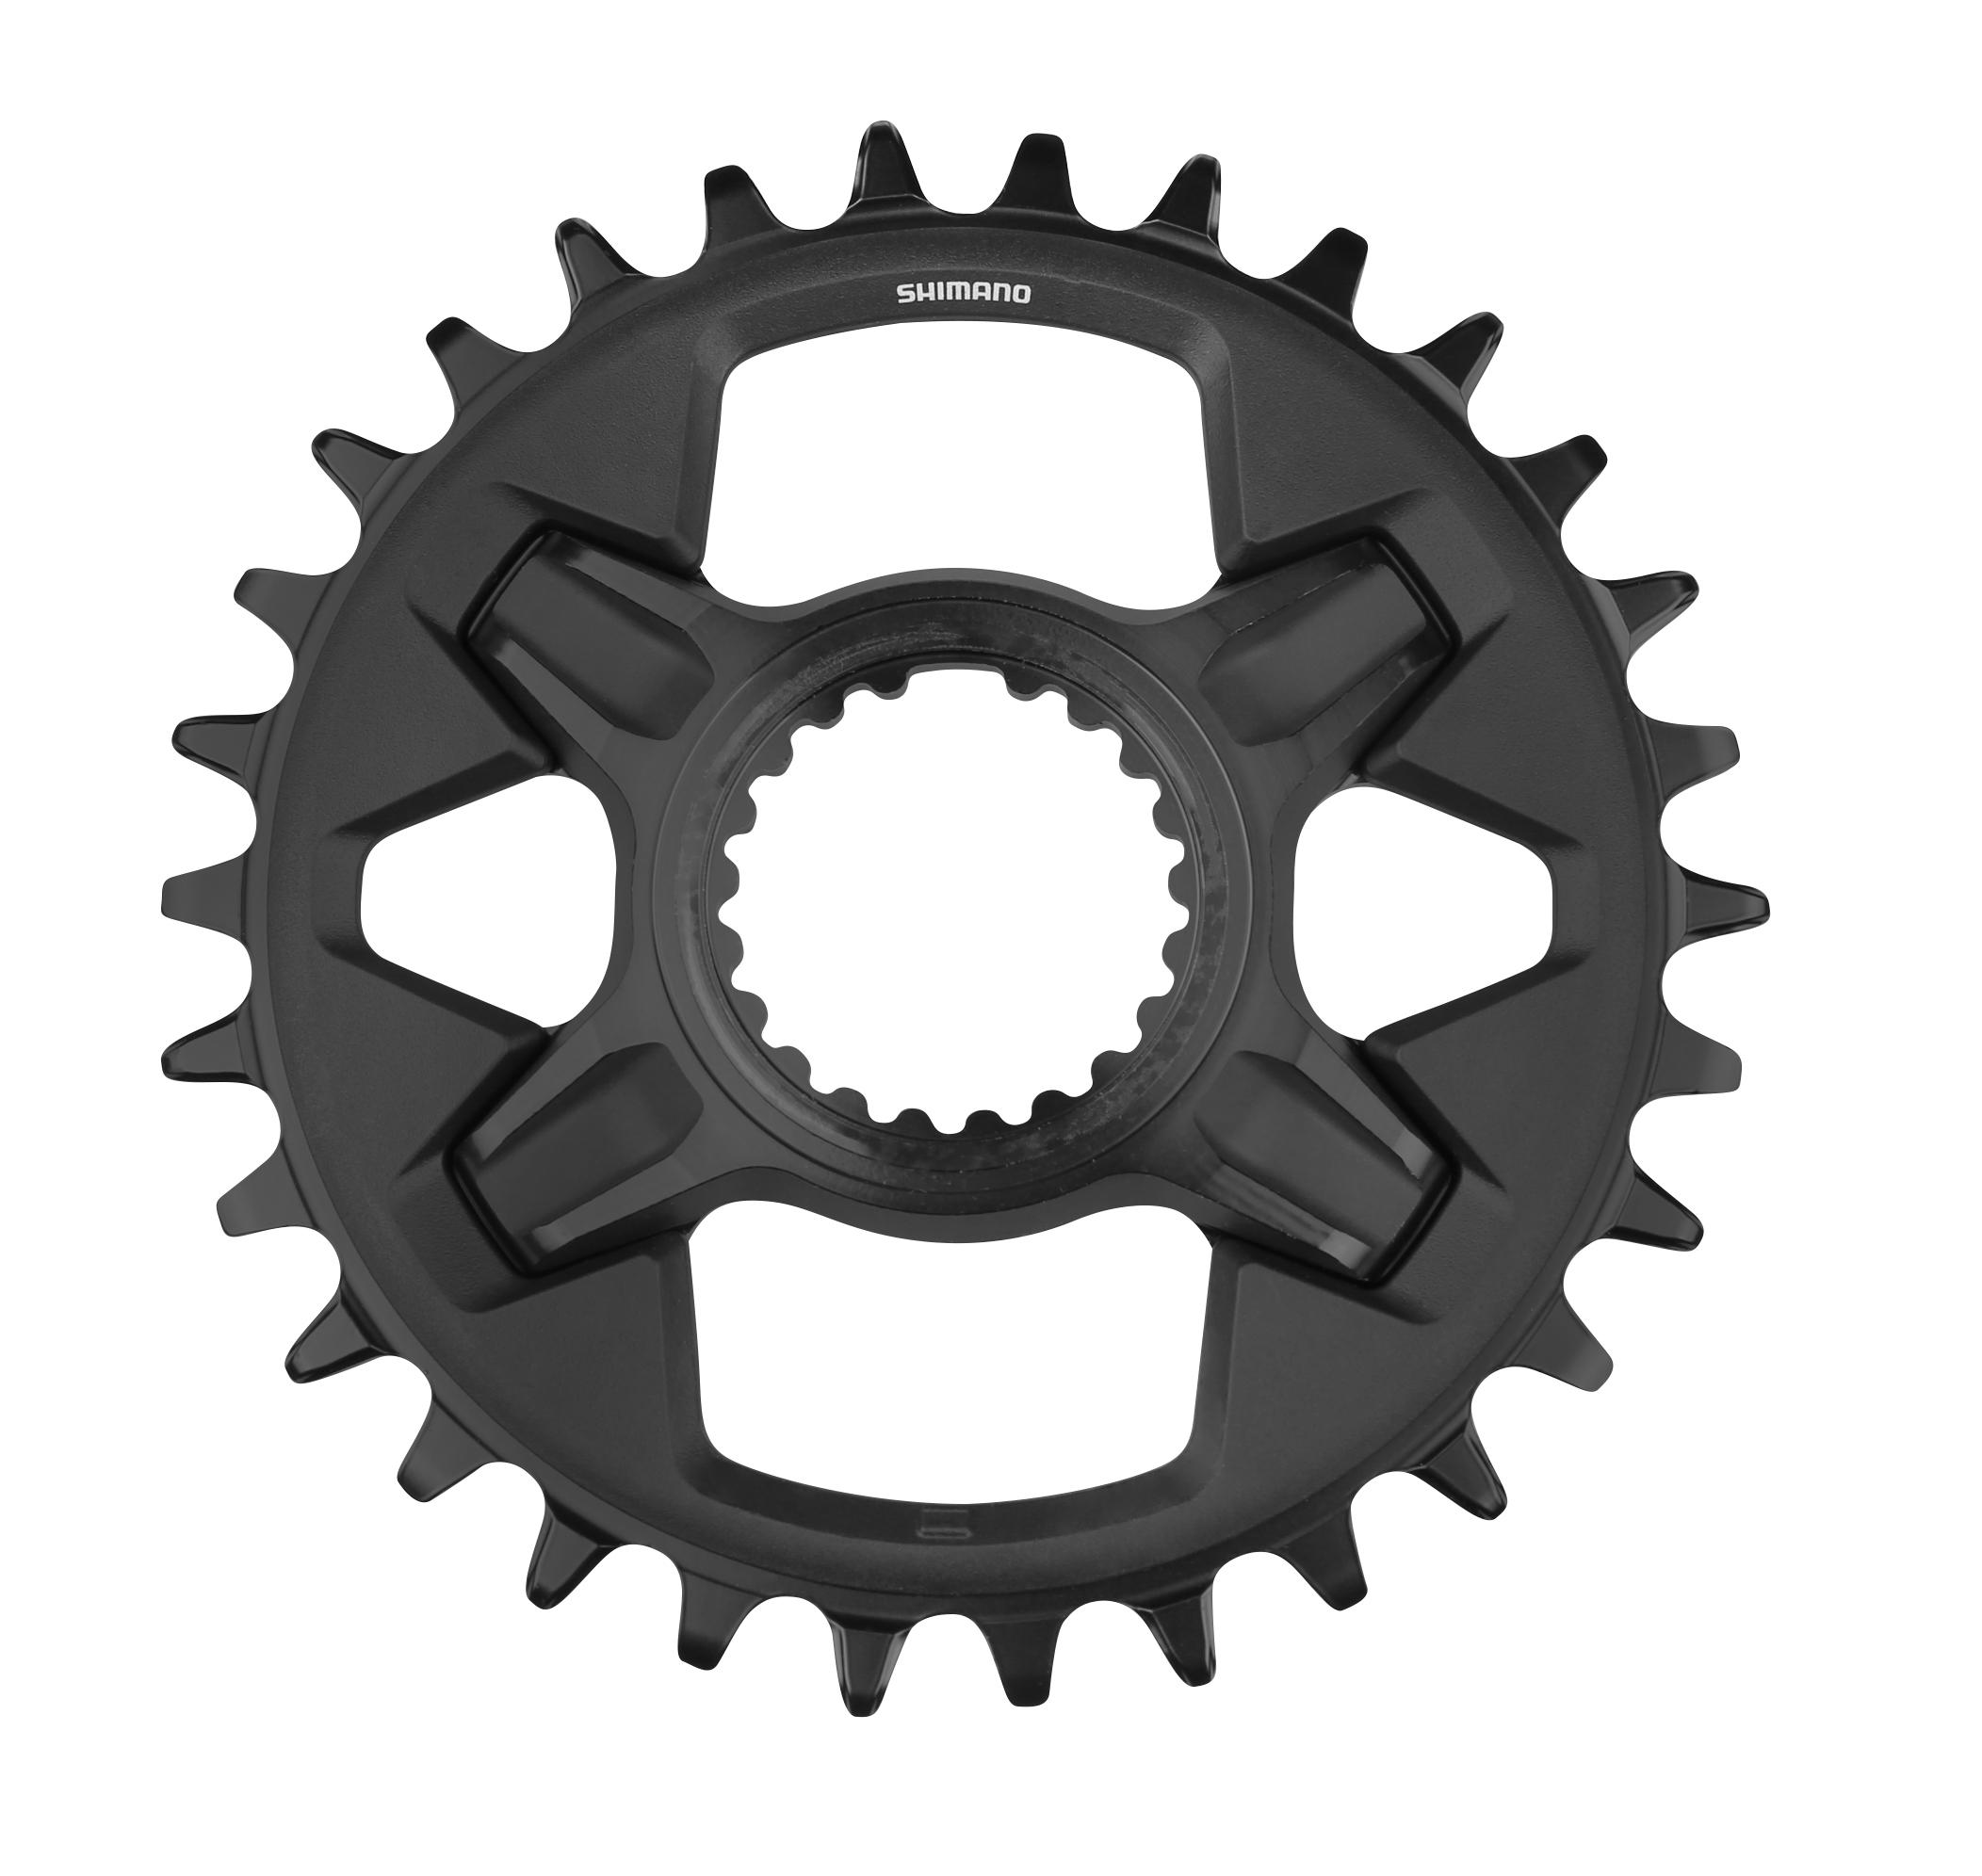 převodník na kliky MTB Shimano XT FC-M8100 12 kolo 34 zubů ninex.cz